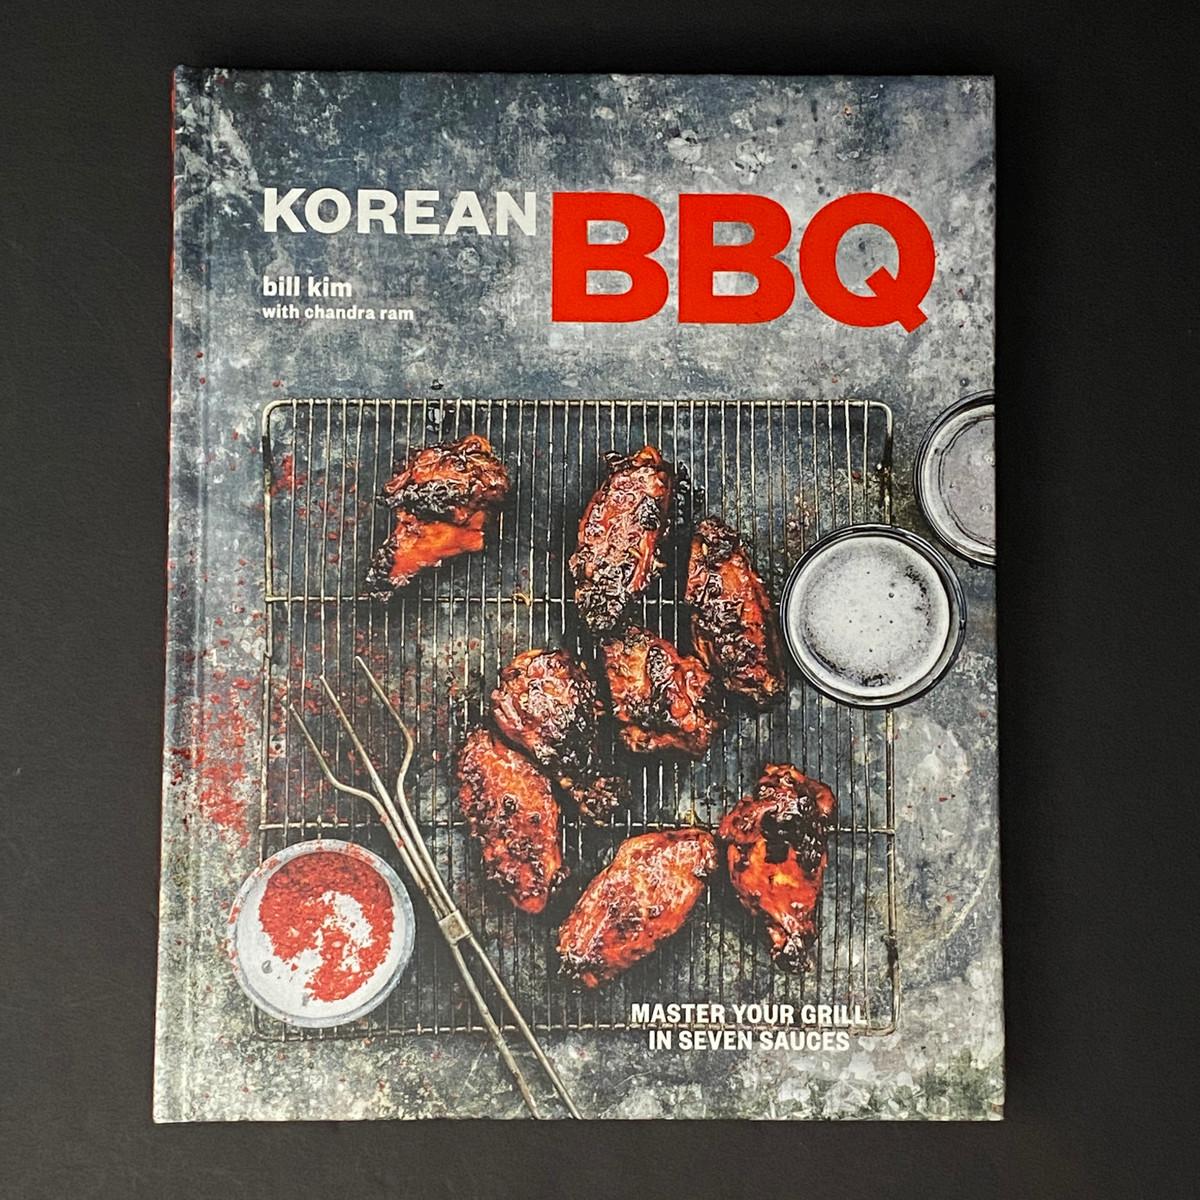 Korean BBQ   Bill Kim